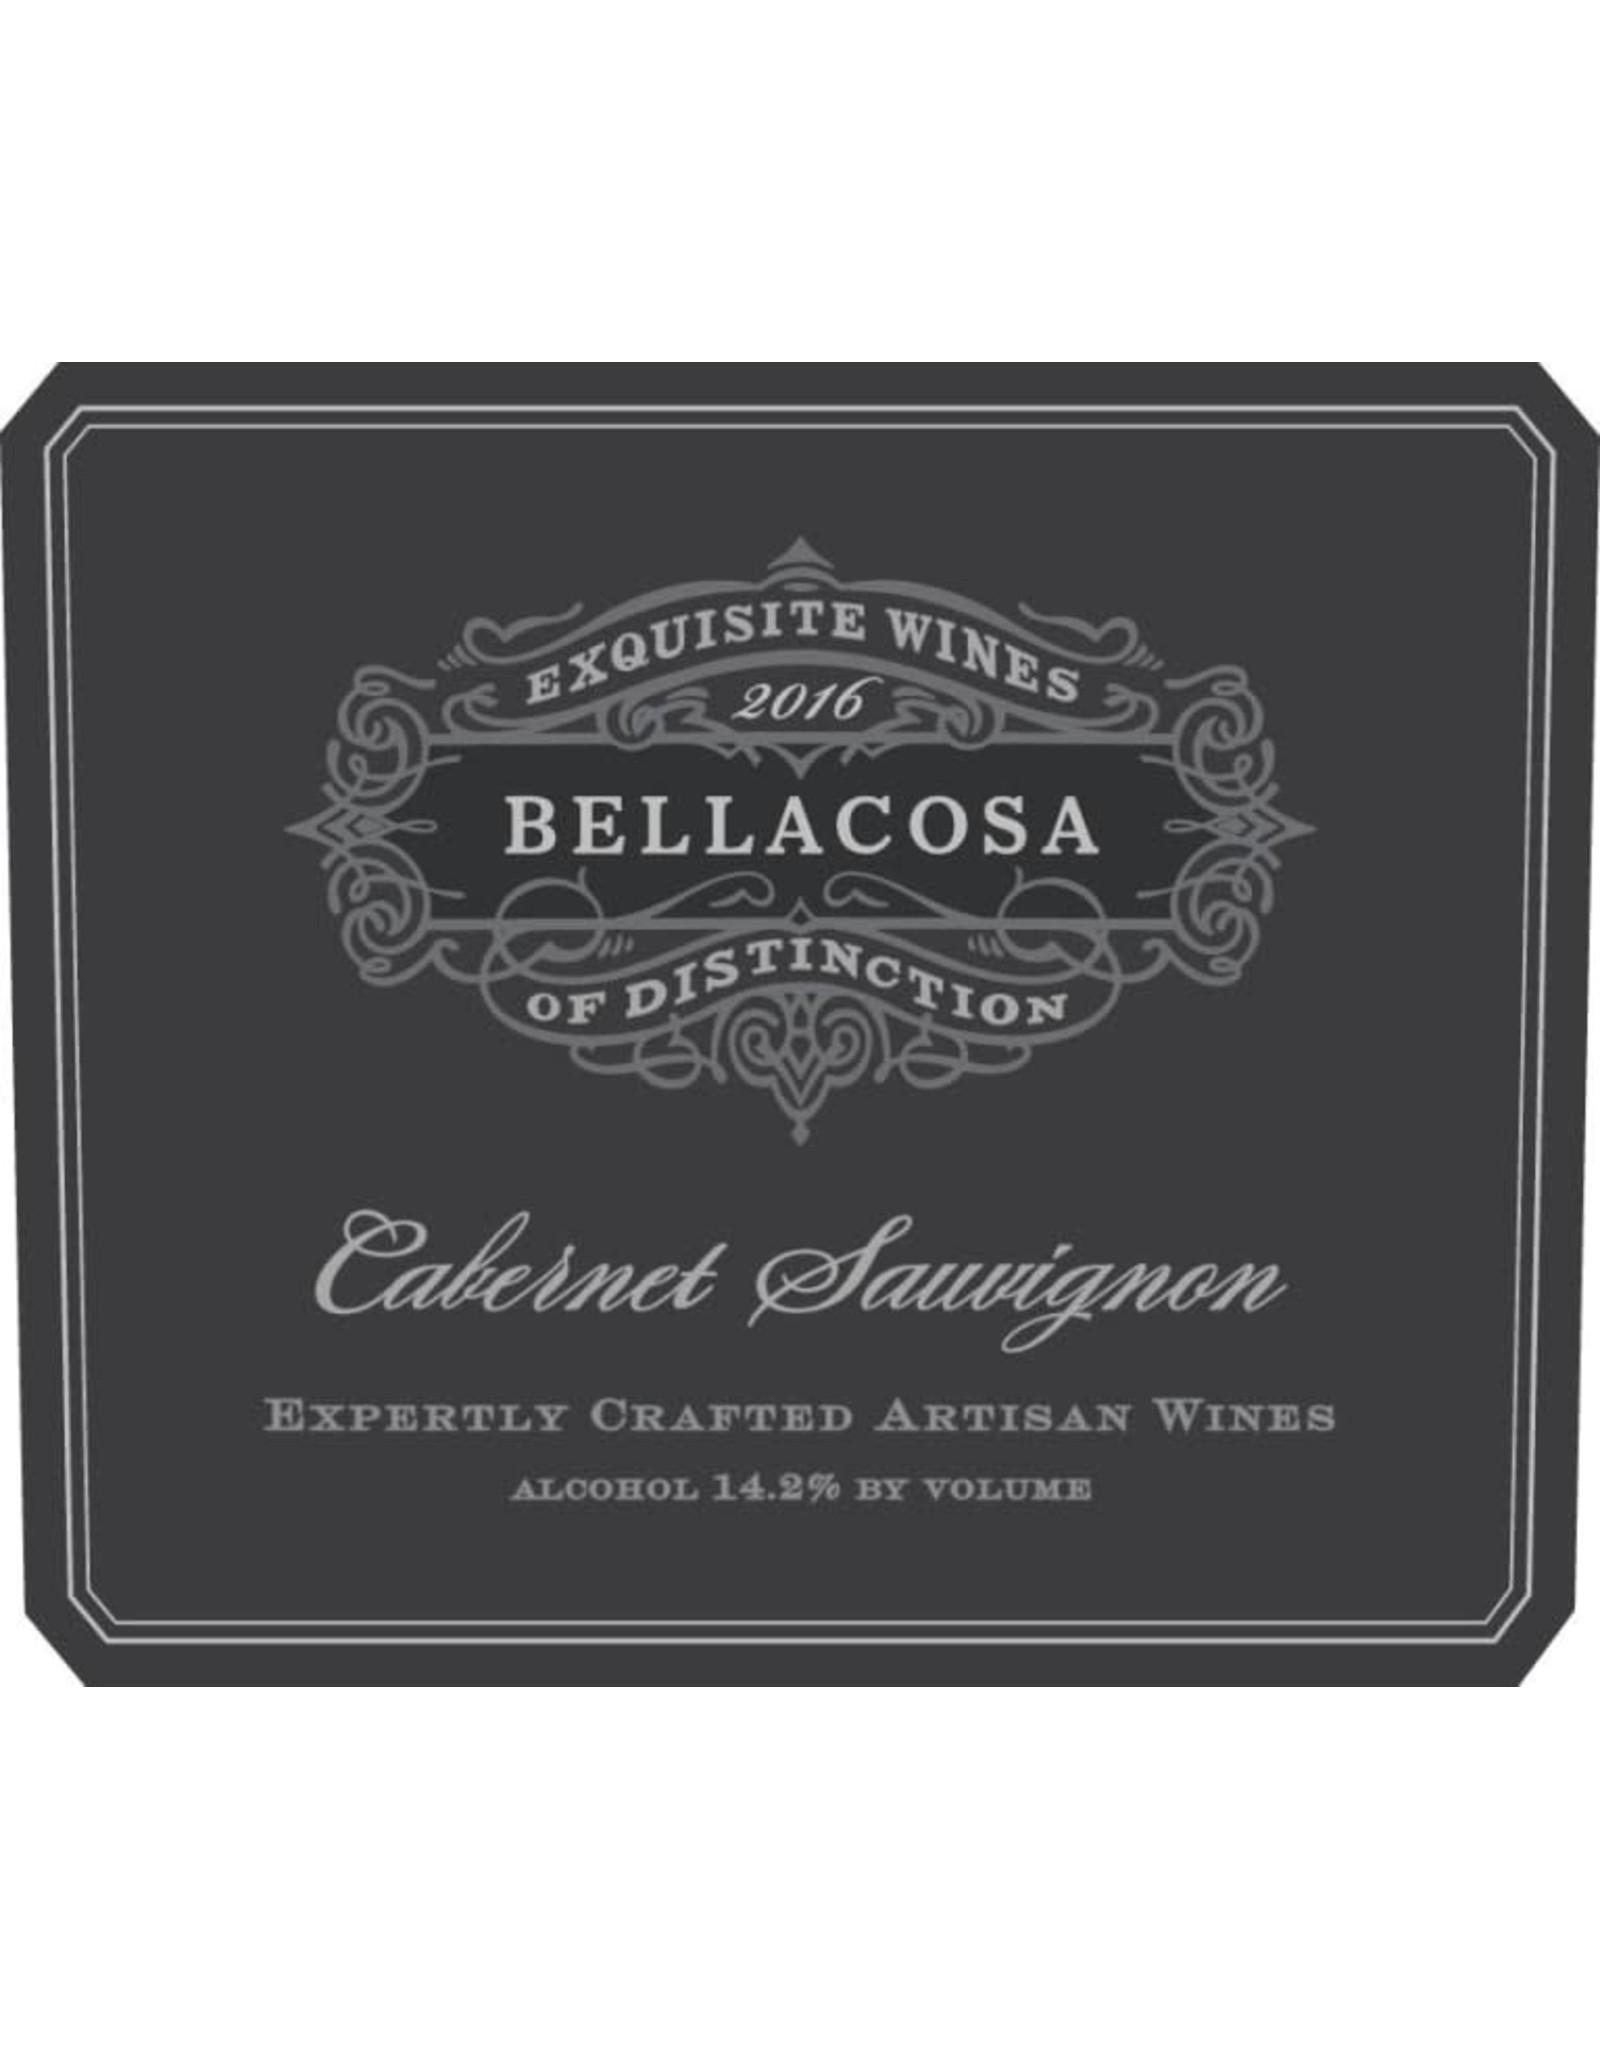 Bellacosa North Coast Cabernet Sauvignon 2016 1.5 liter